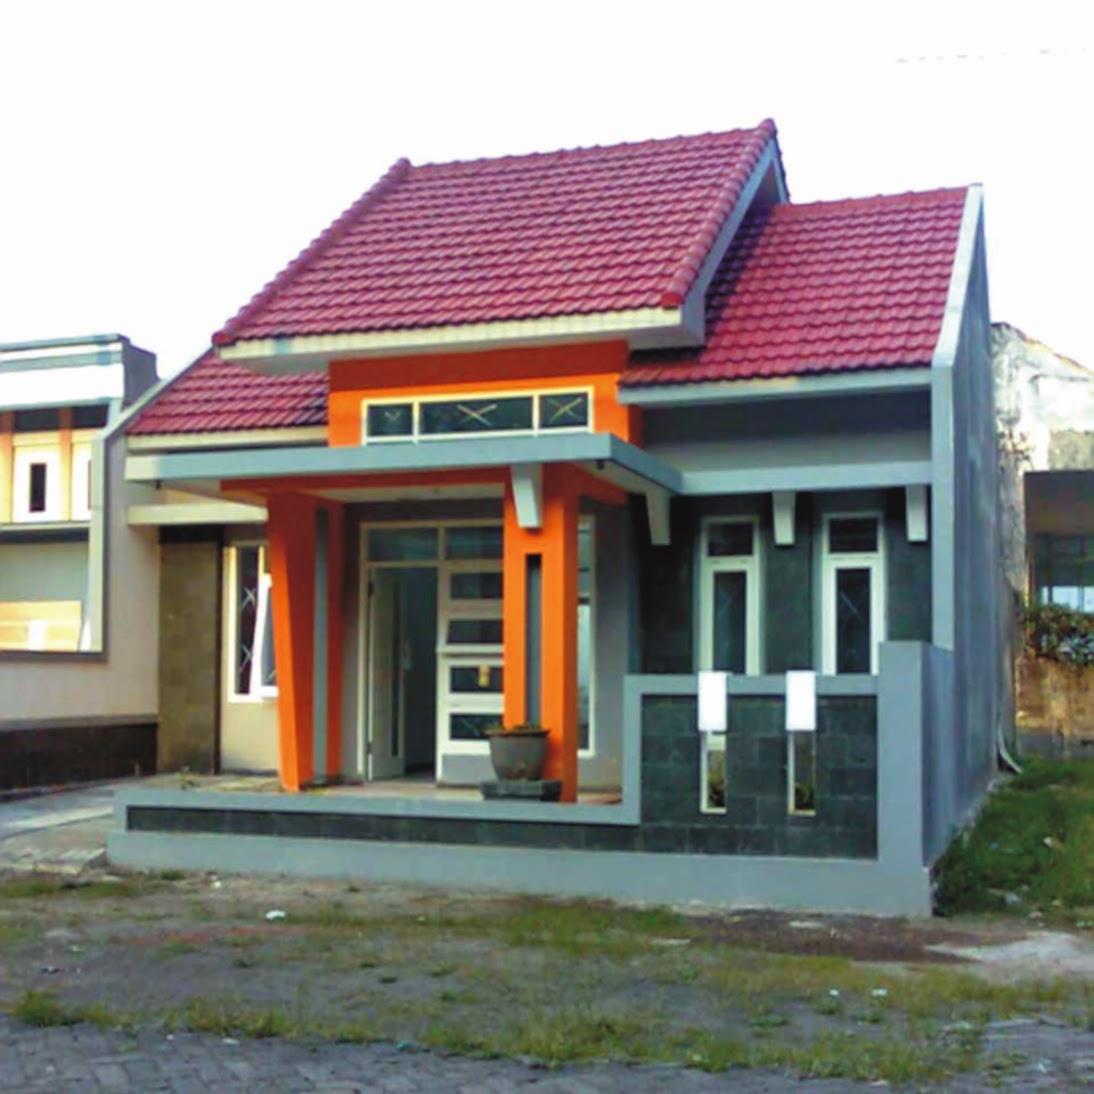 64 Desain Rumah Minimalis Sederhana Type 21 | Desain Rumah ...